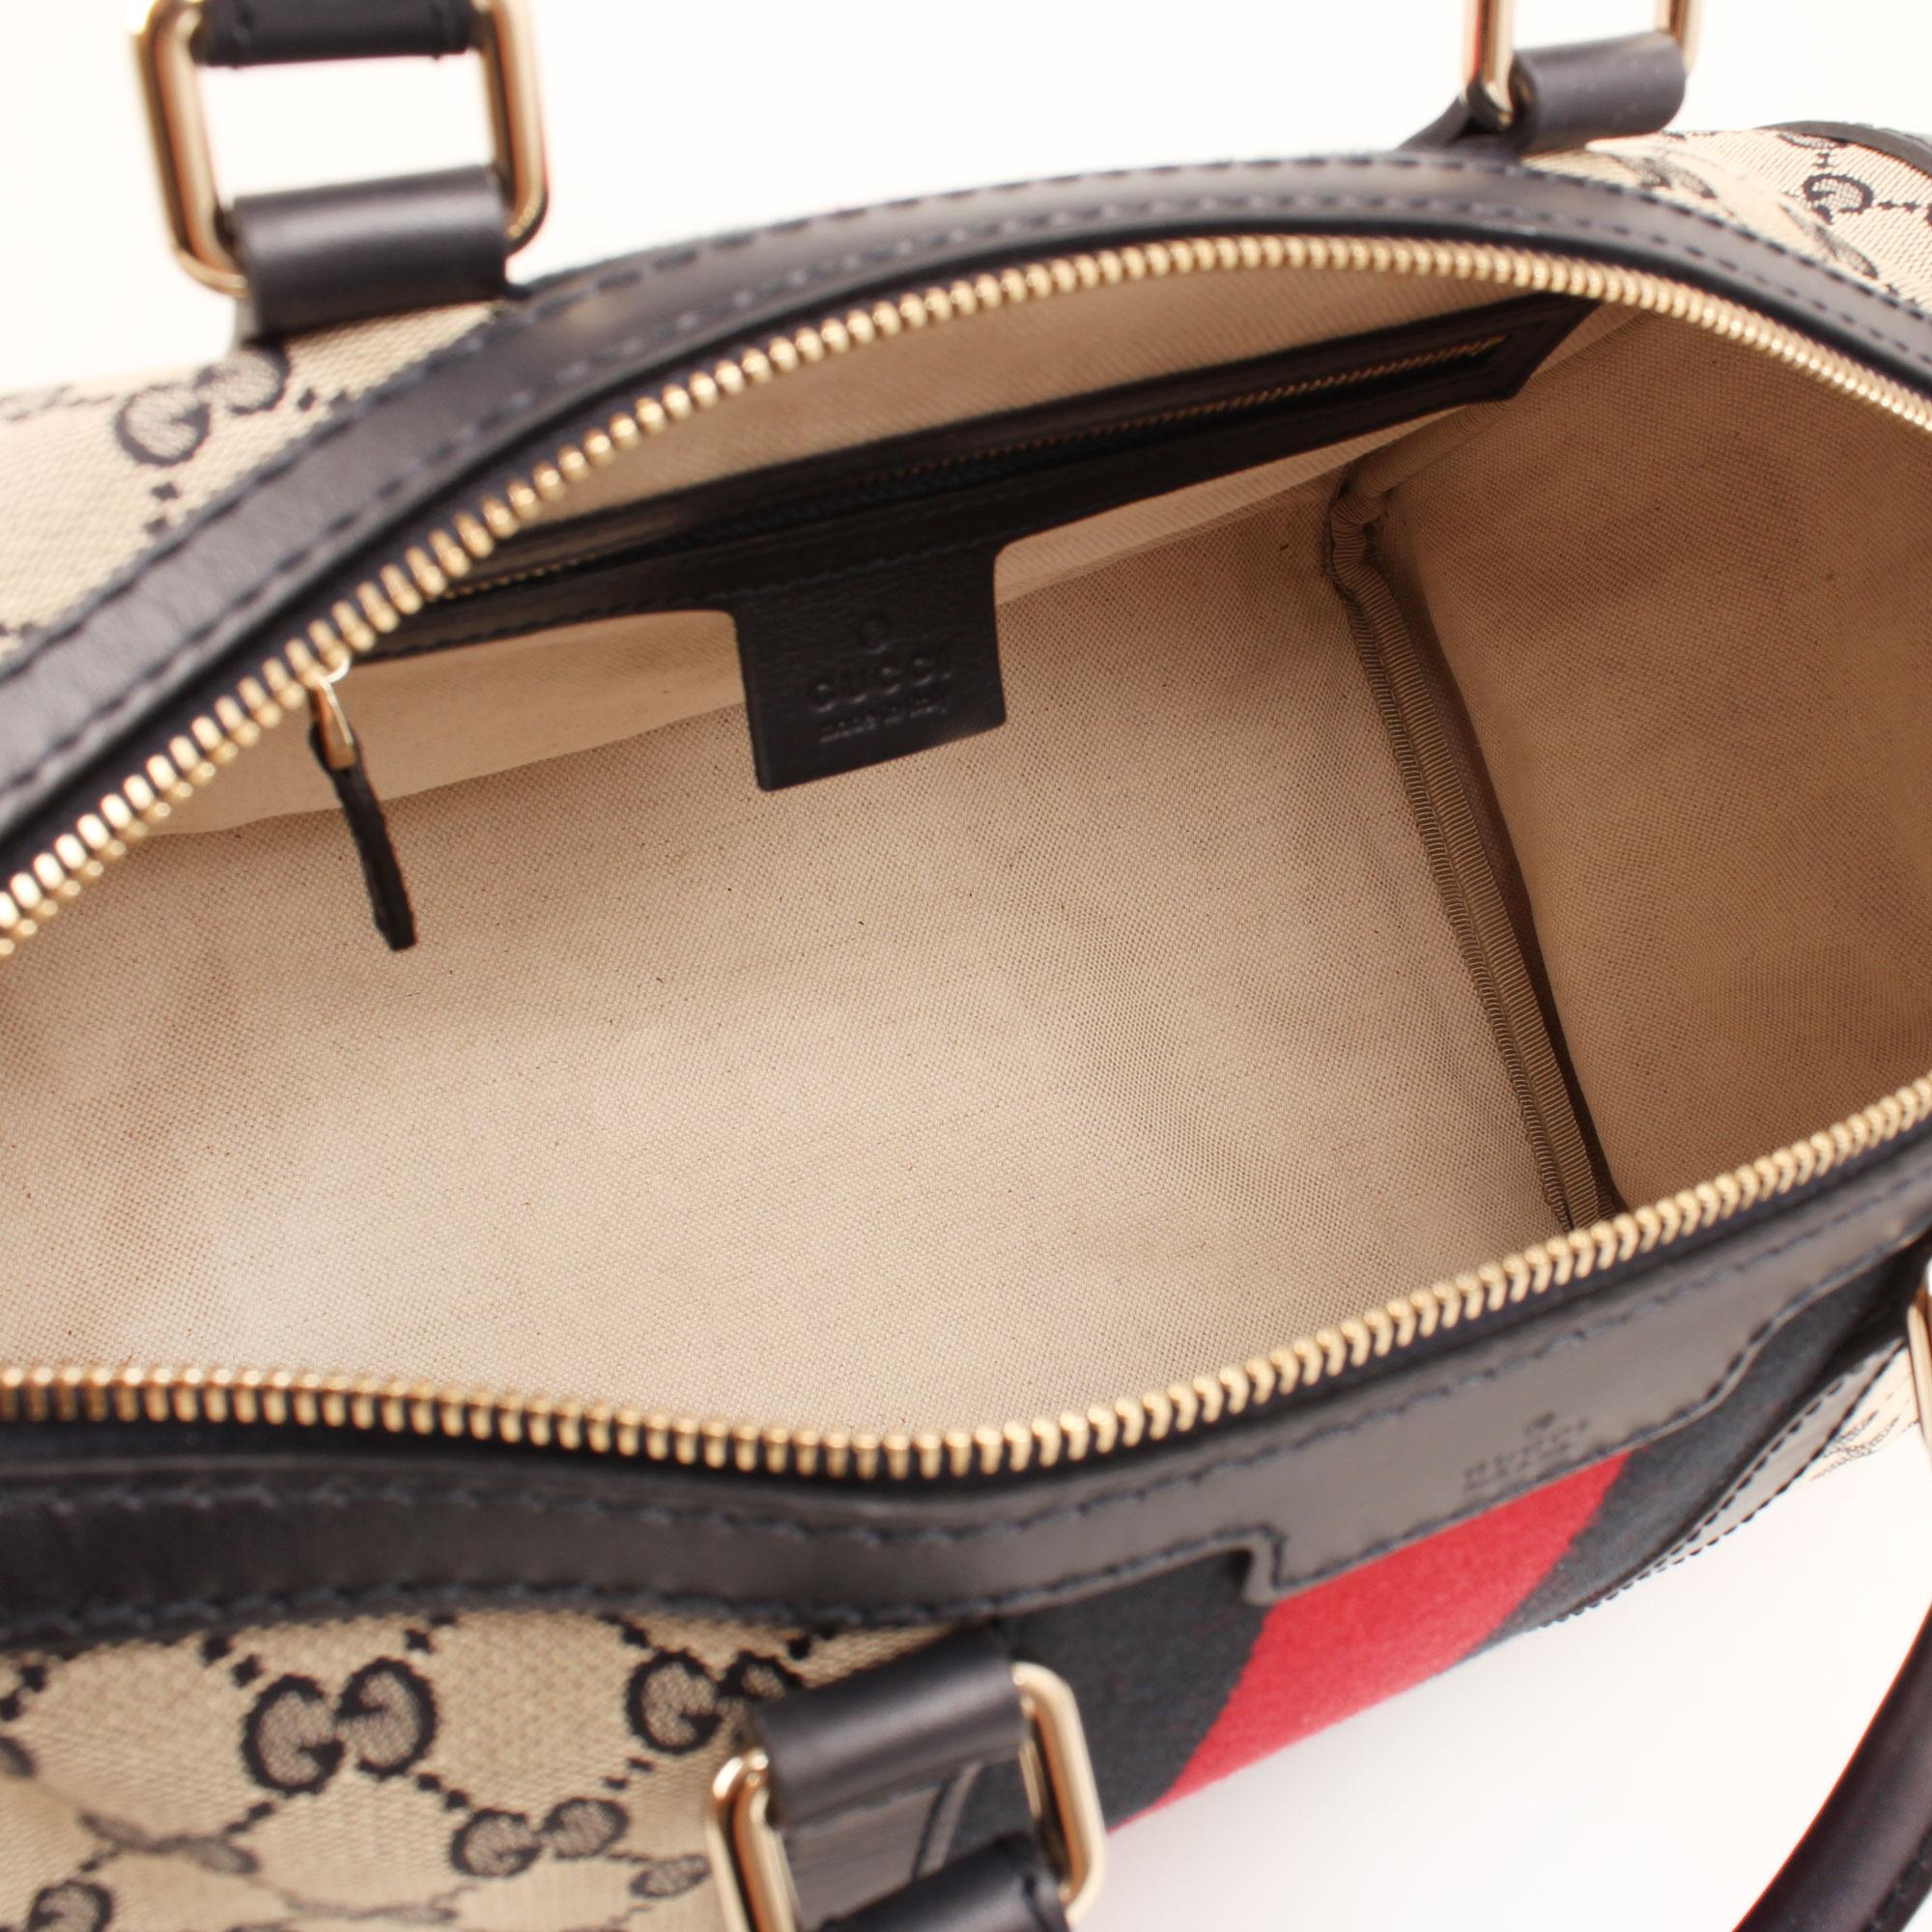 Imagen del interior del bolso gucci vintage web gg azul